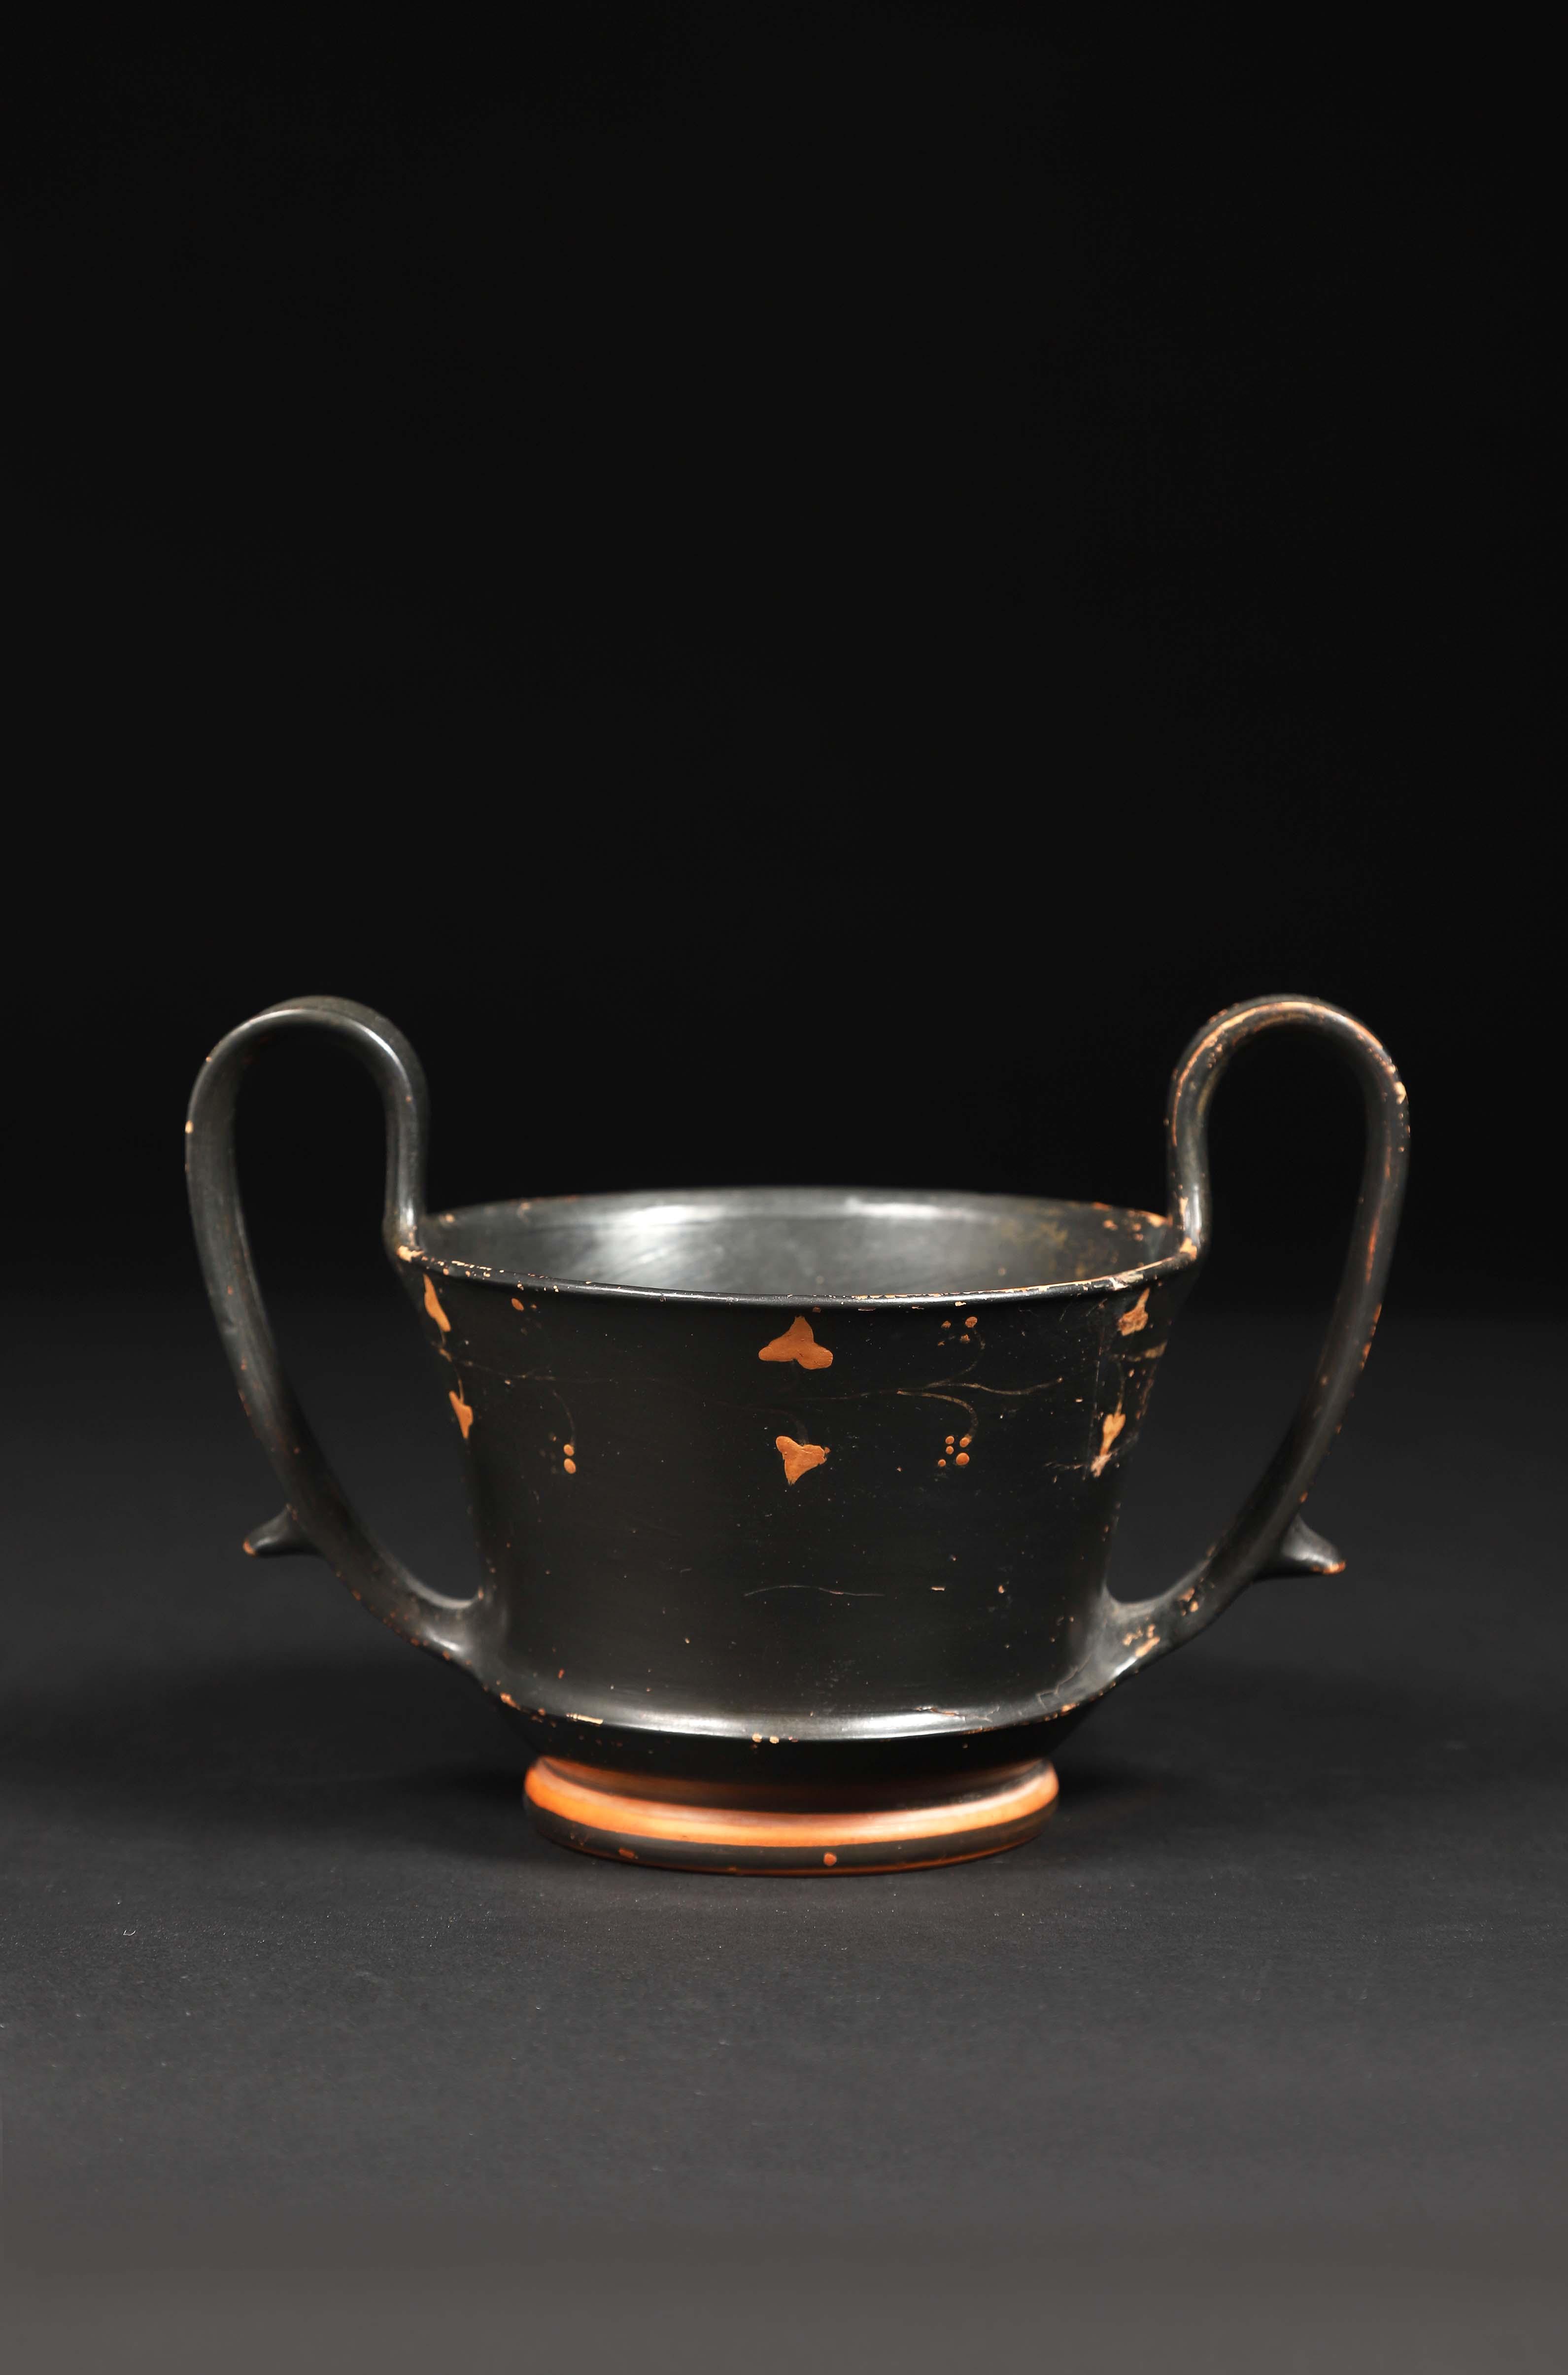 Los 7 - Canthare Céramique vernissée noire Décor en réserve de feuilles de vigne Art [...]